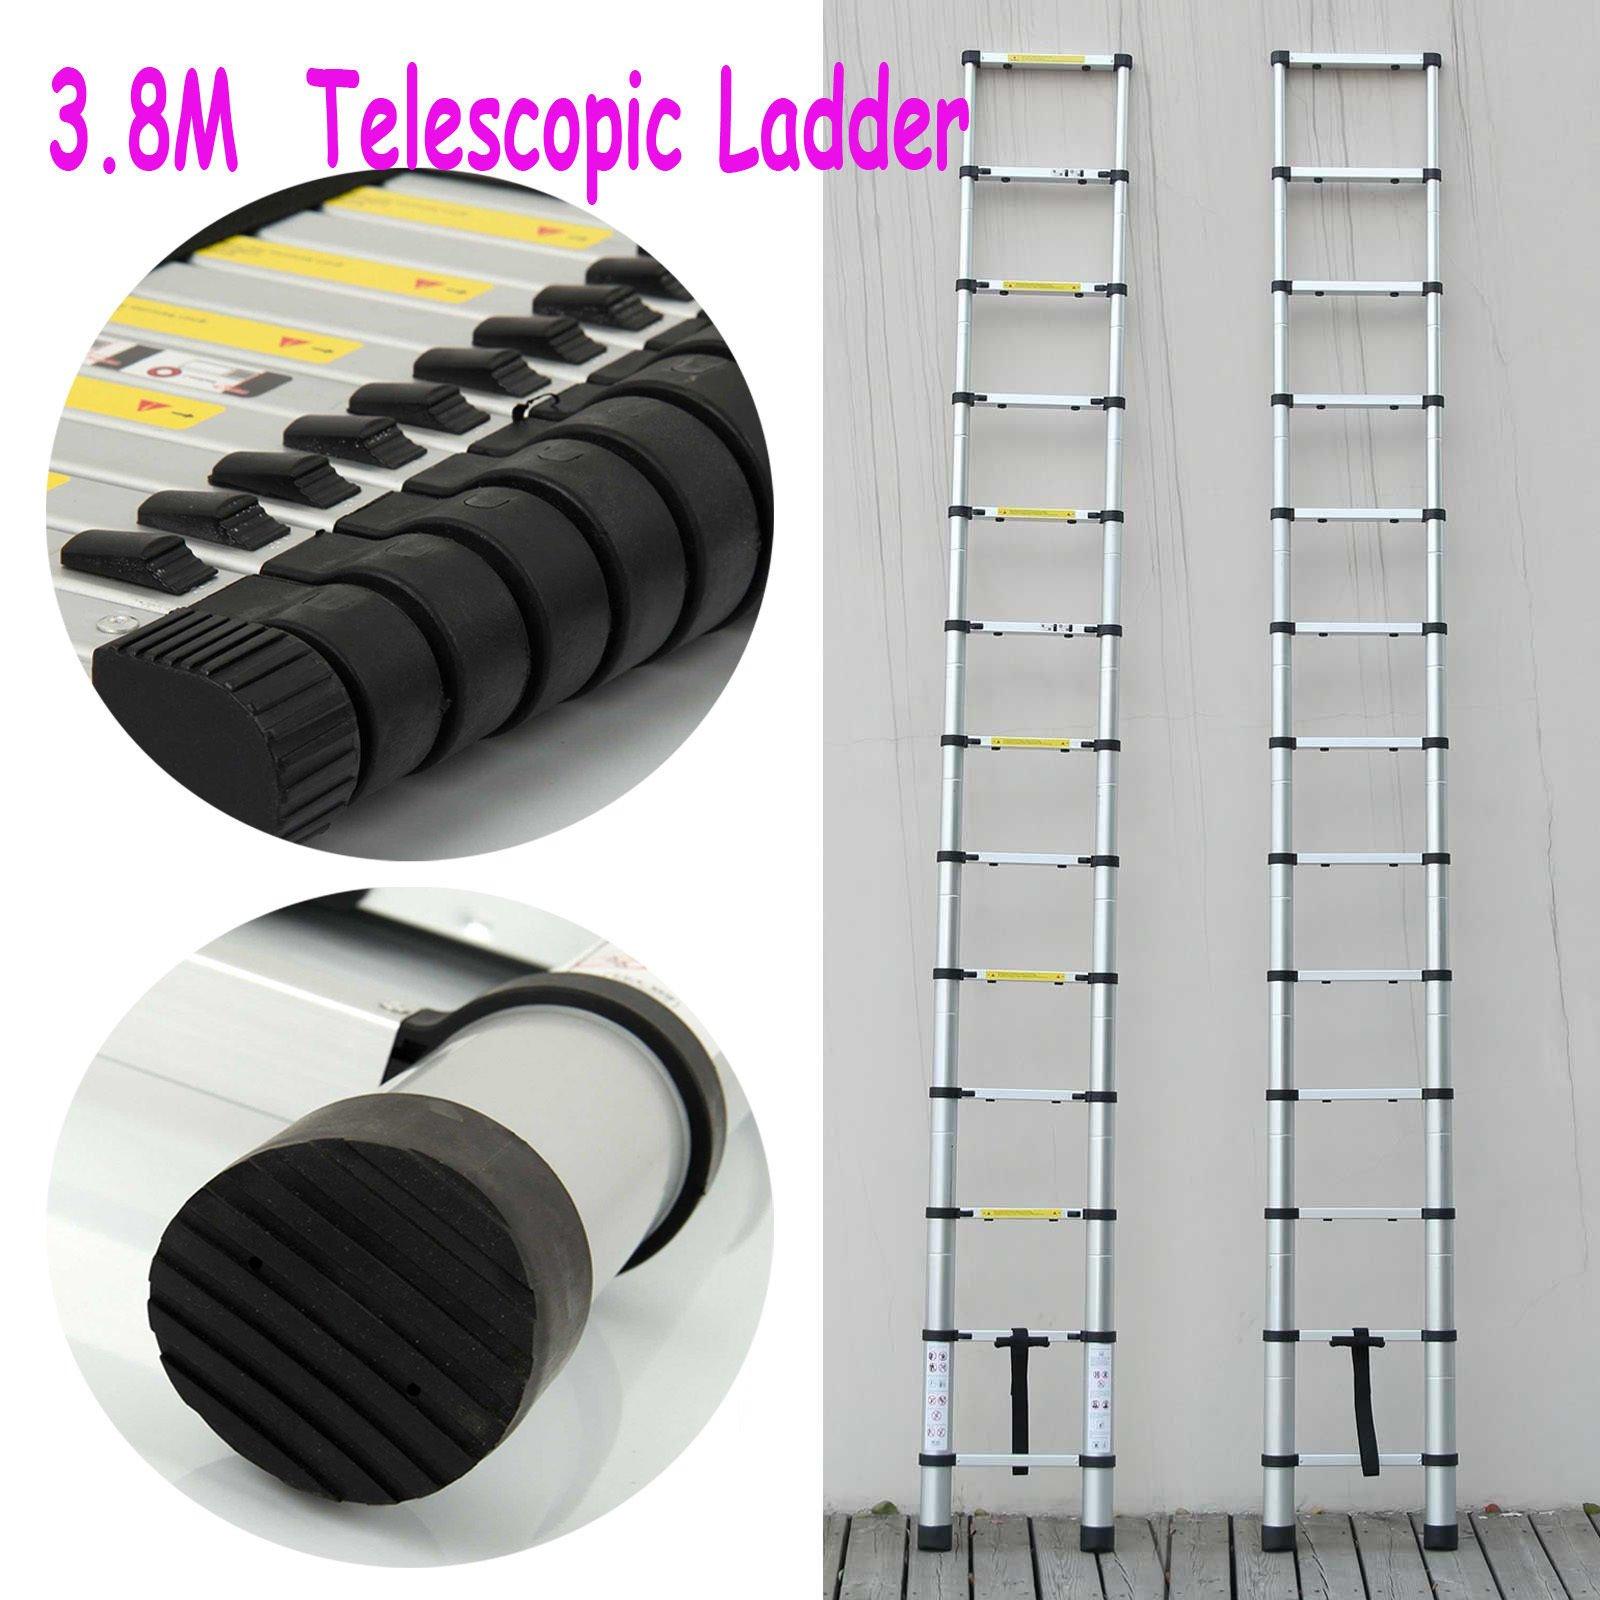 Aluminio 3,8 m escalera telescópica para altillo (multiusos extensión extensible pasos plateado: Amazon.es: Bricolaje y herramientas